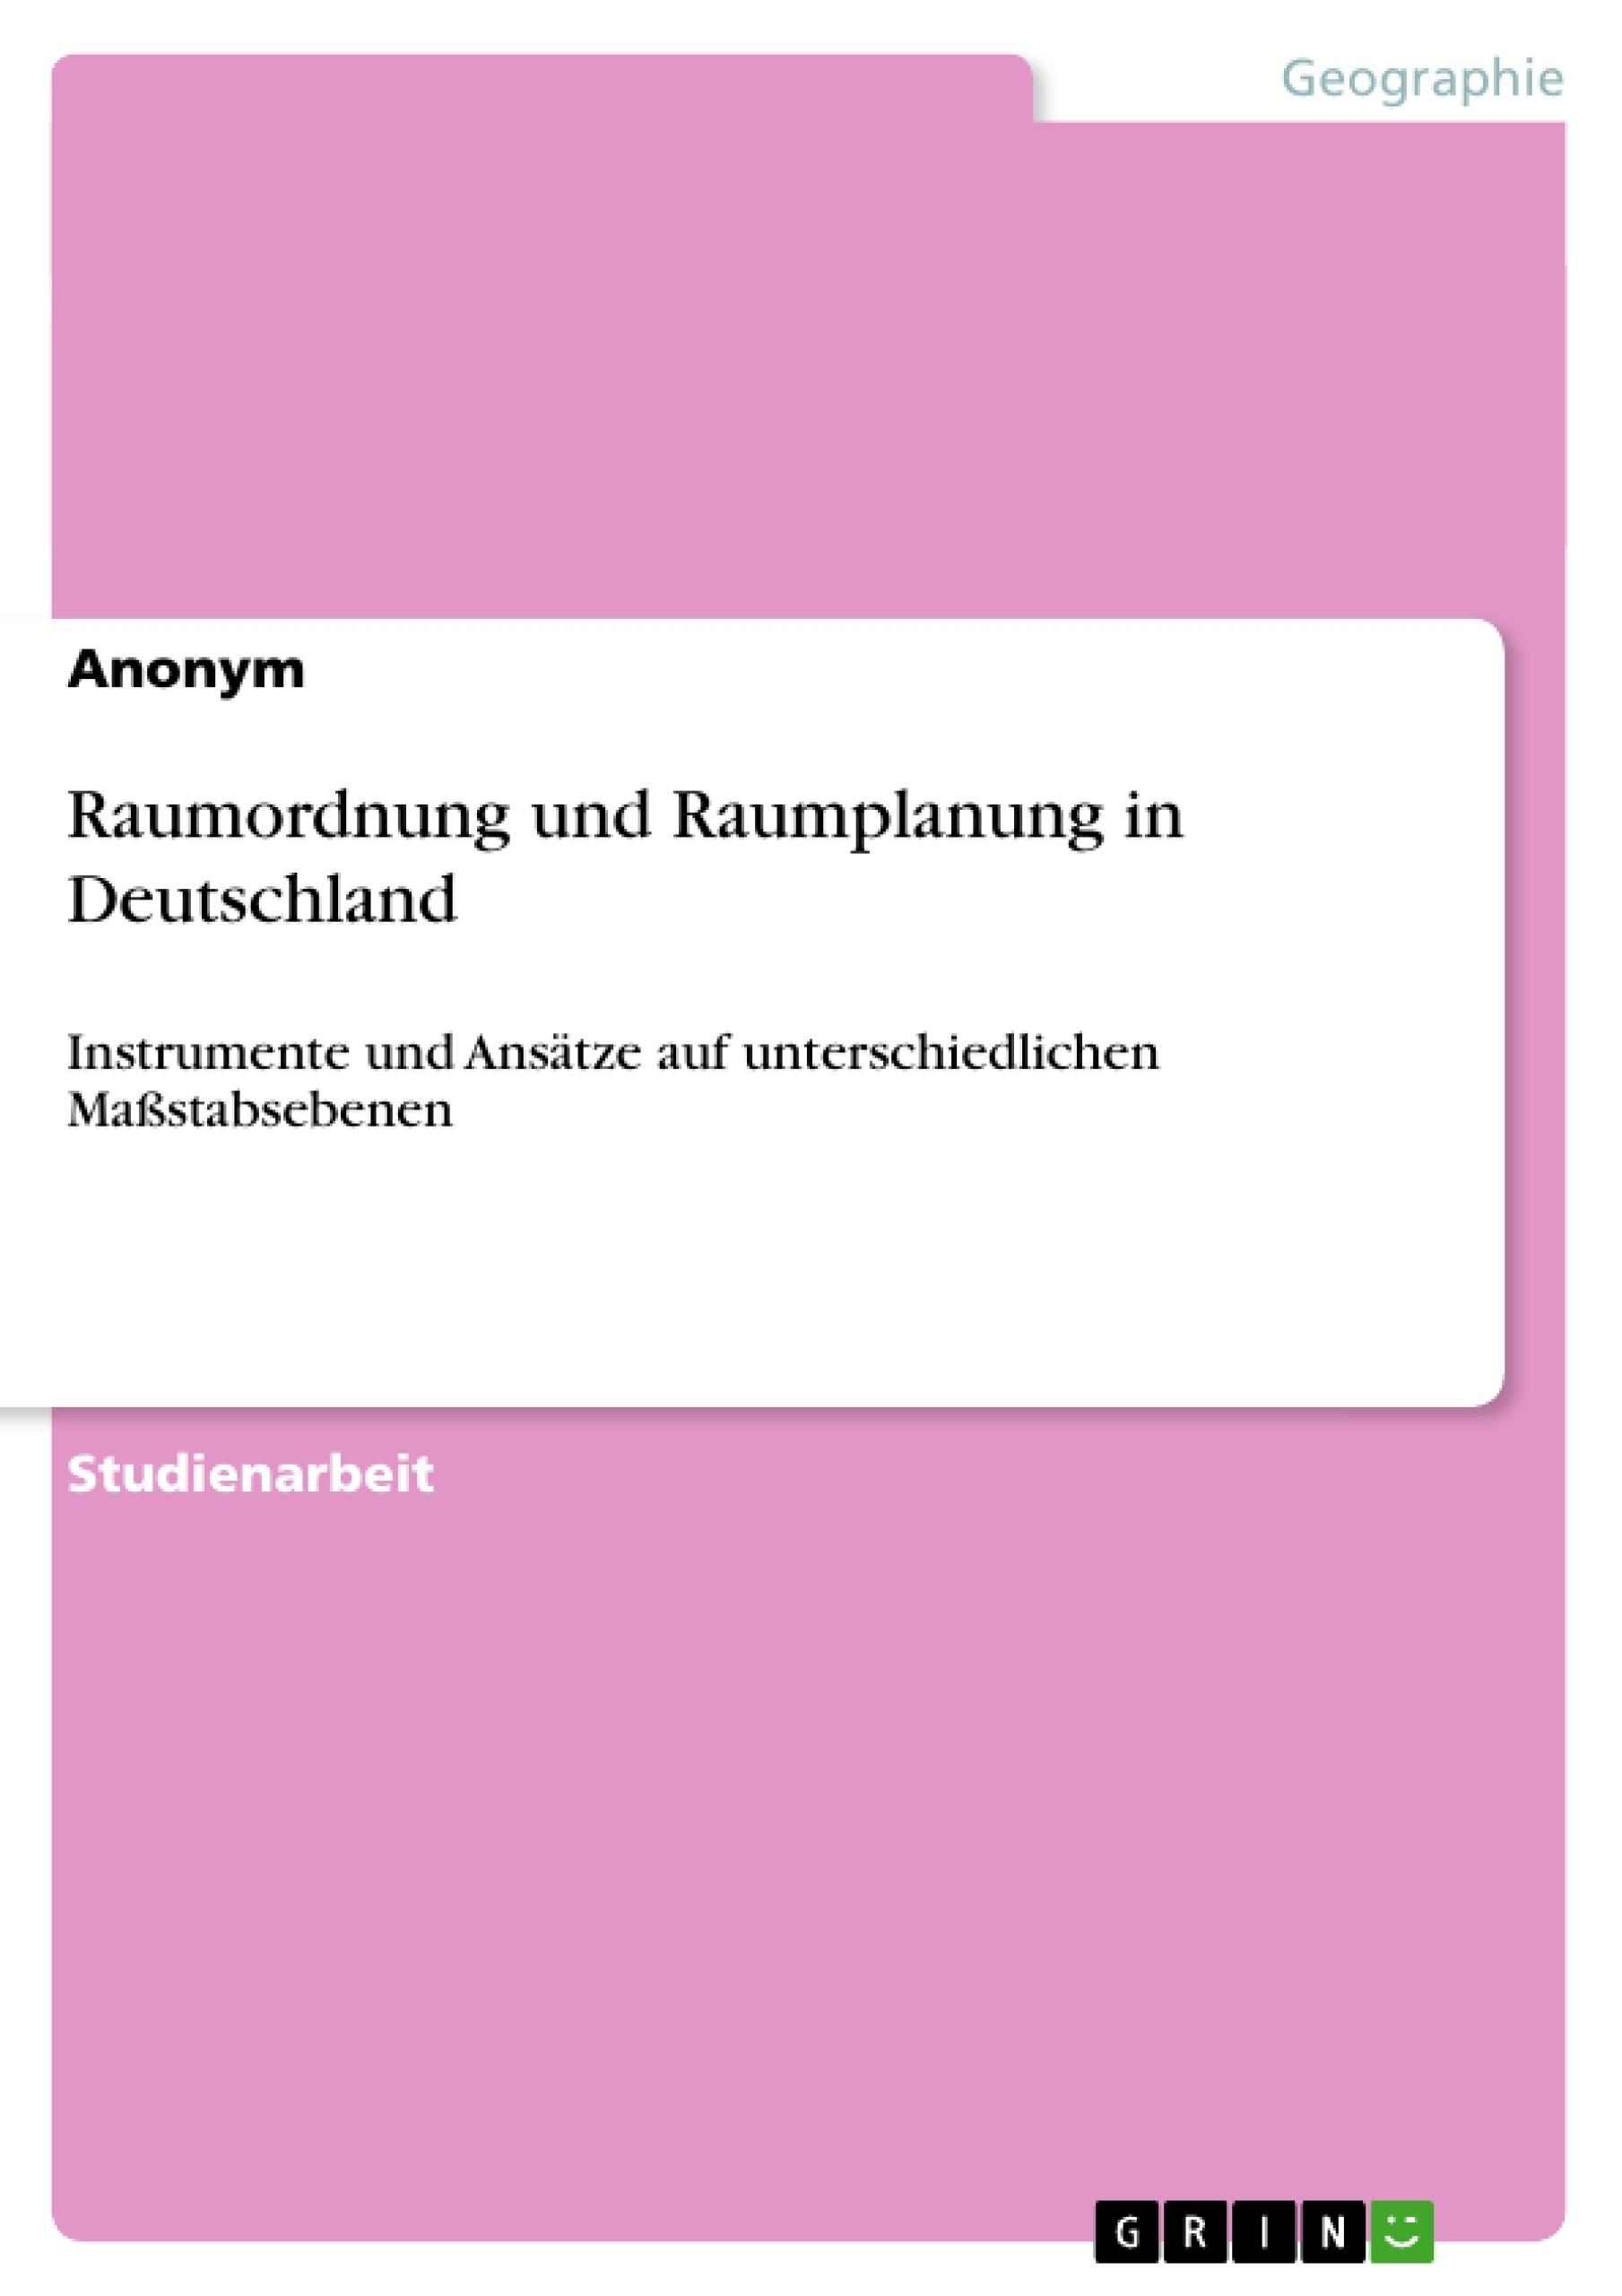 Titel: Raumordnung und Raumplanung in Deutschland